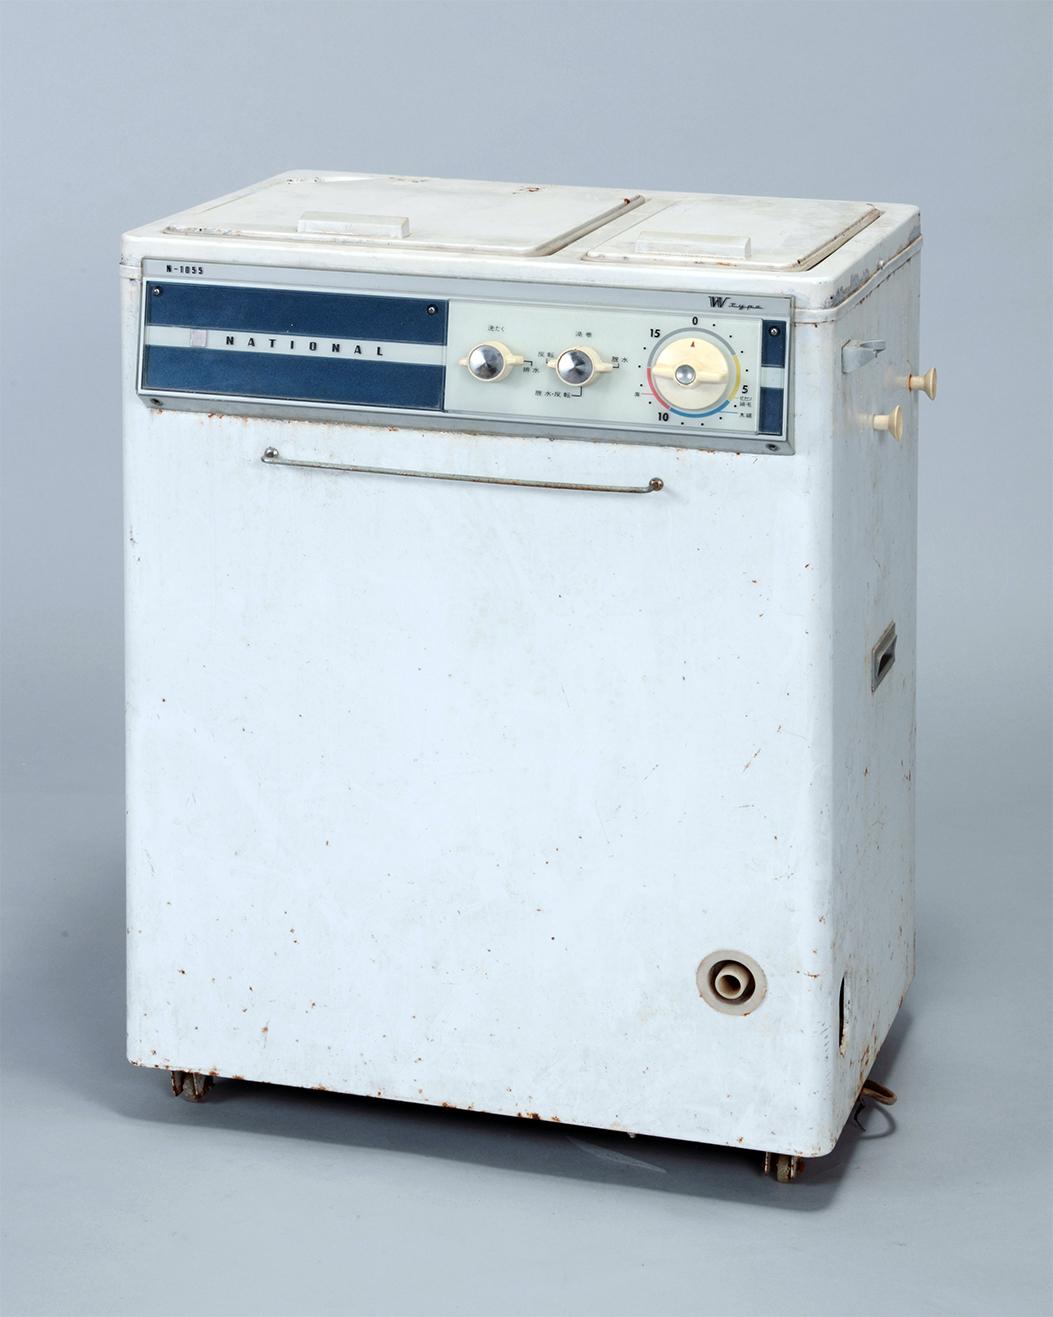 ナショナル二槽式洗濯機